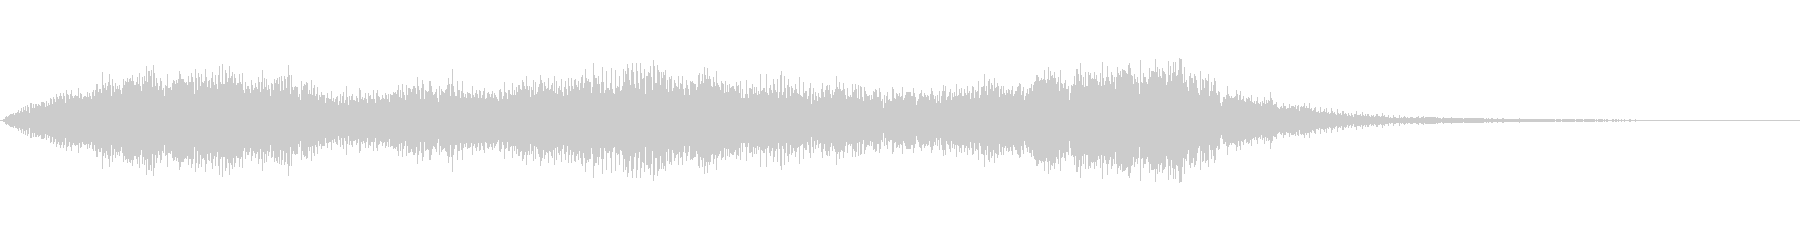 アイキャッチ的な明るめのオーケストラの未再生の波形